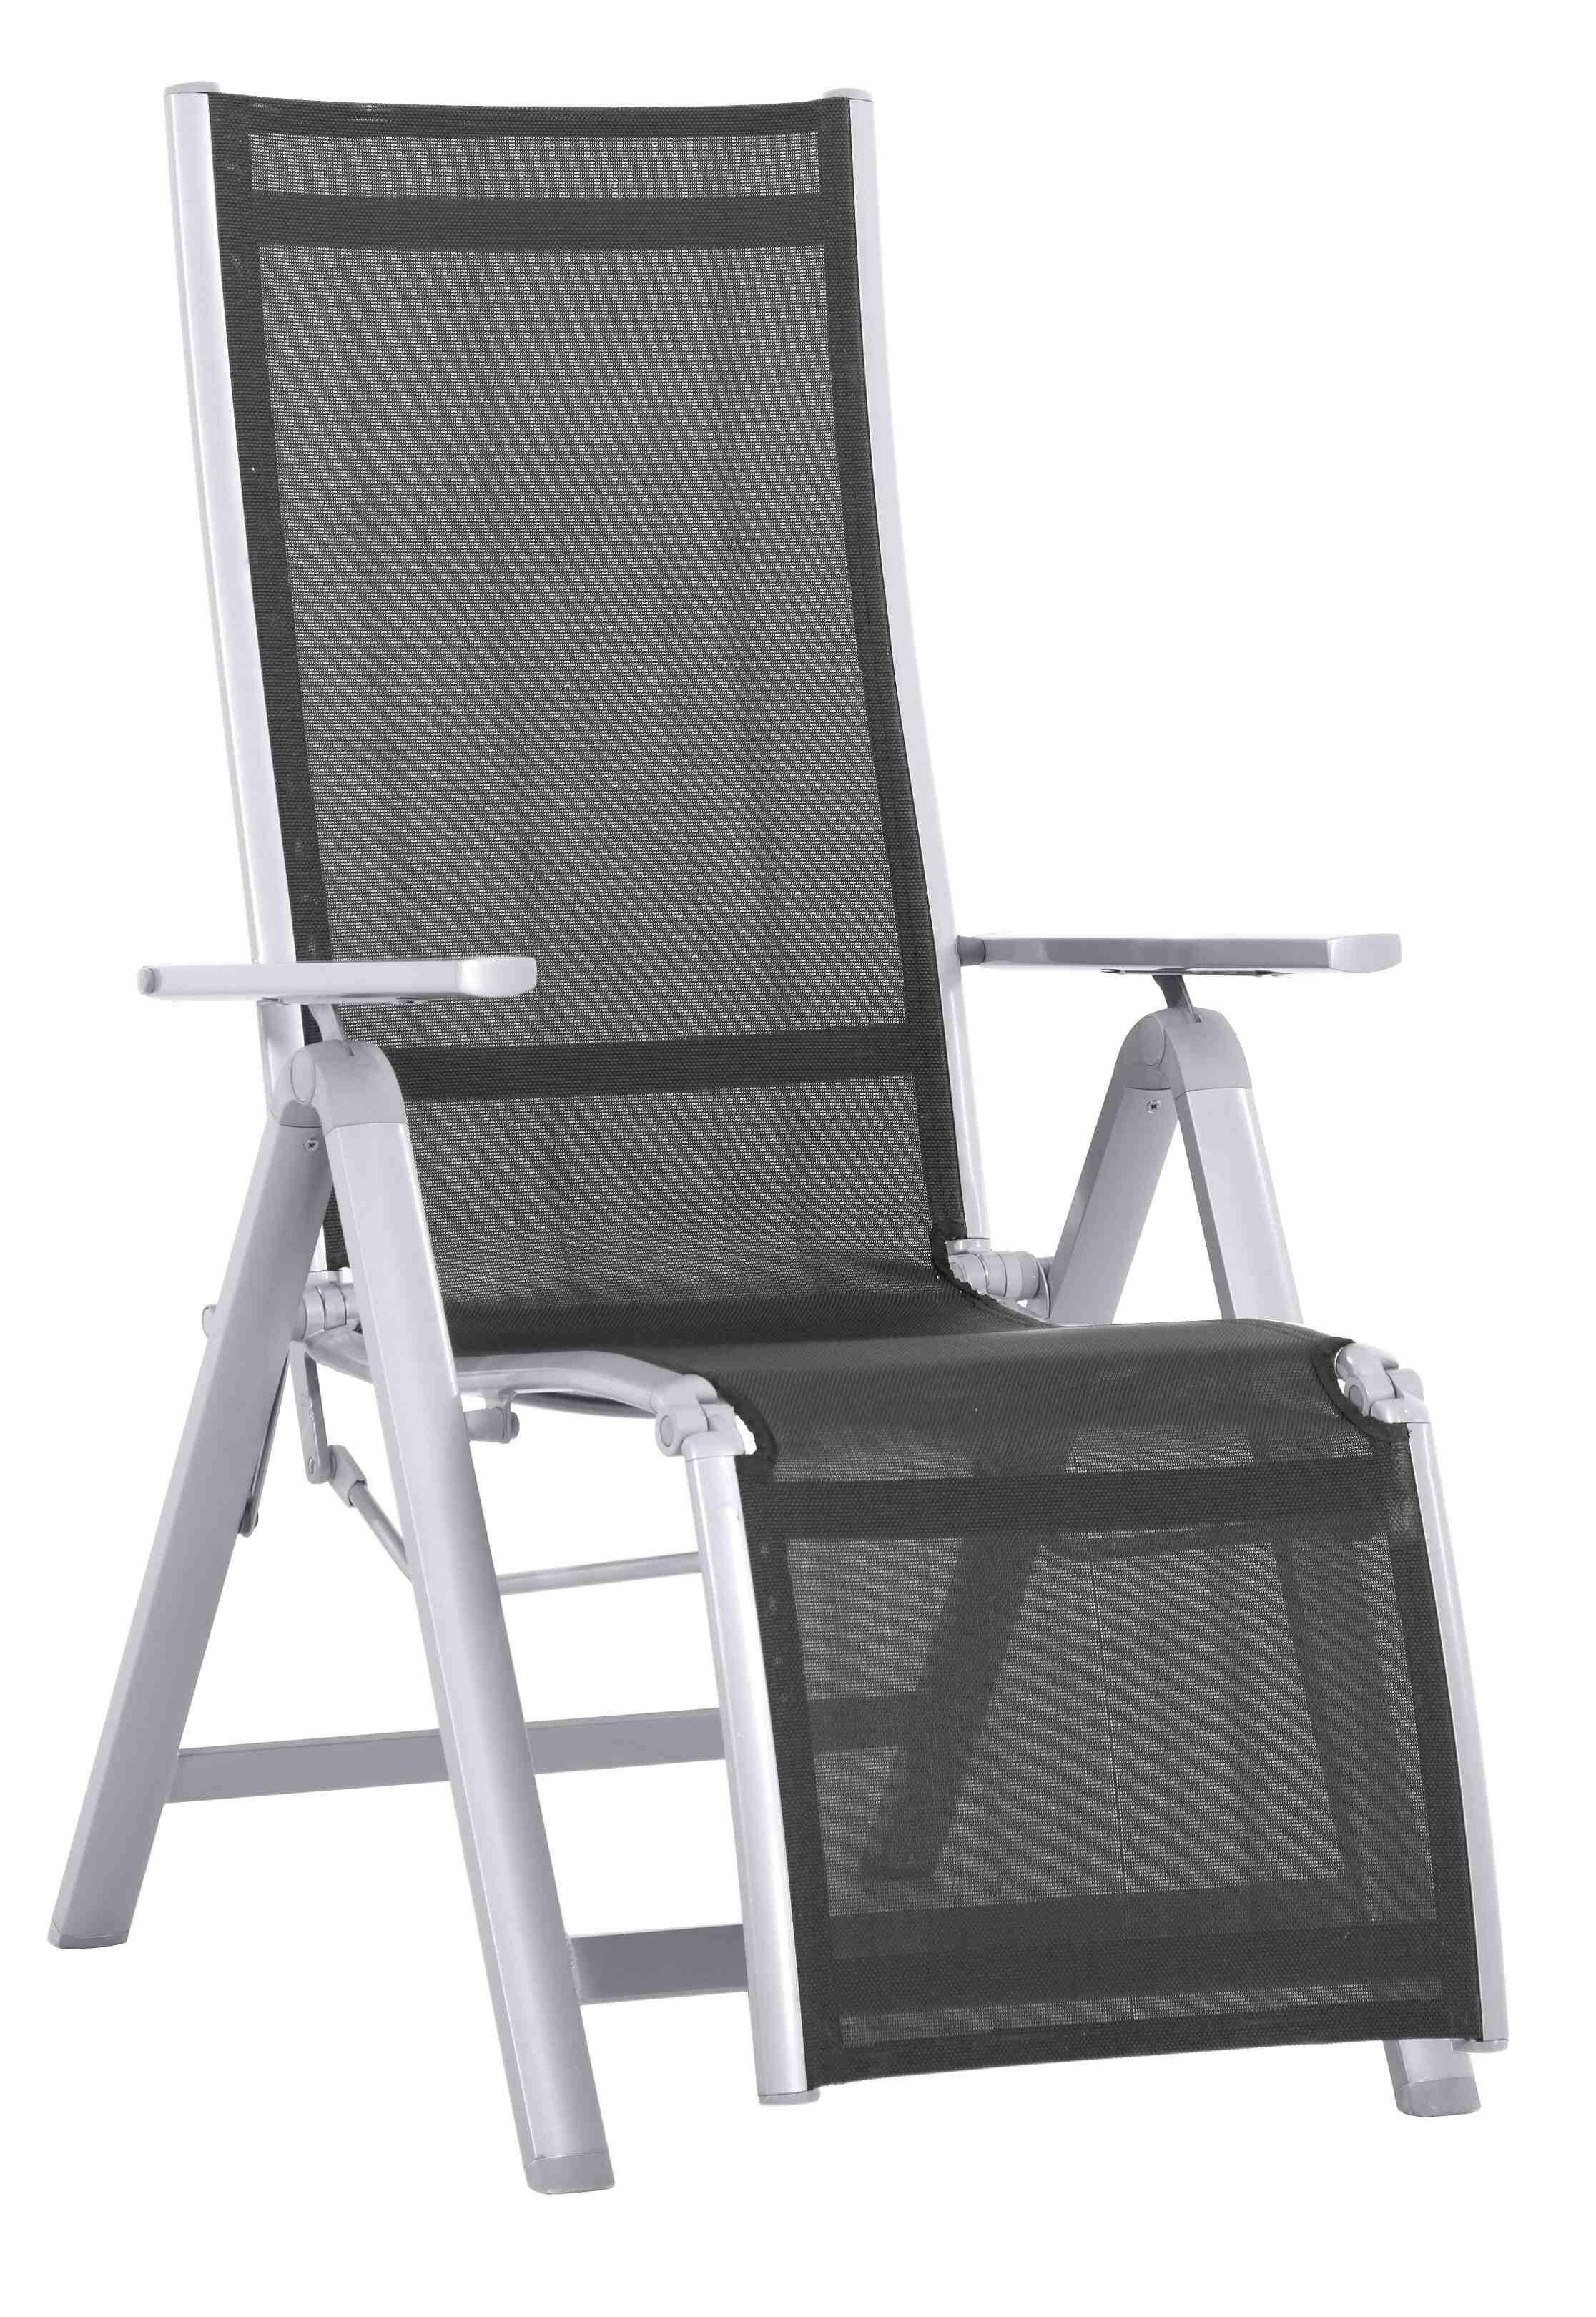 Hliníkové relaxační polohovatelné křeslo 230 x 95 x 74 cm Creador Evan LUX Comfort